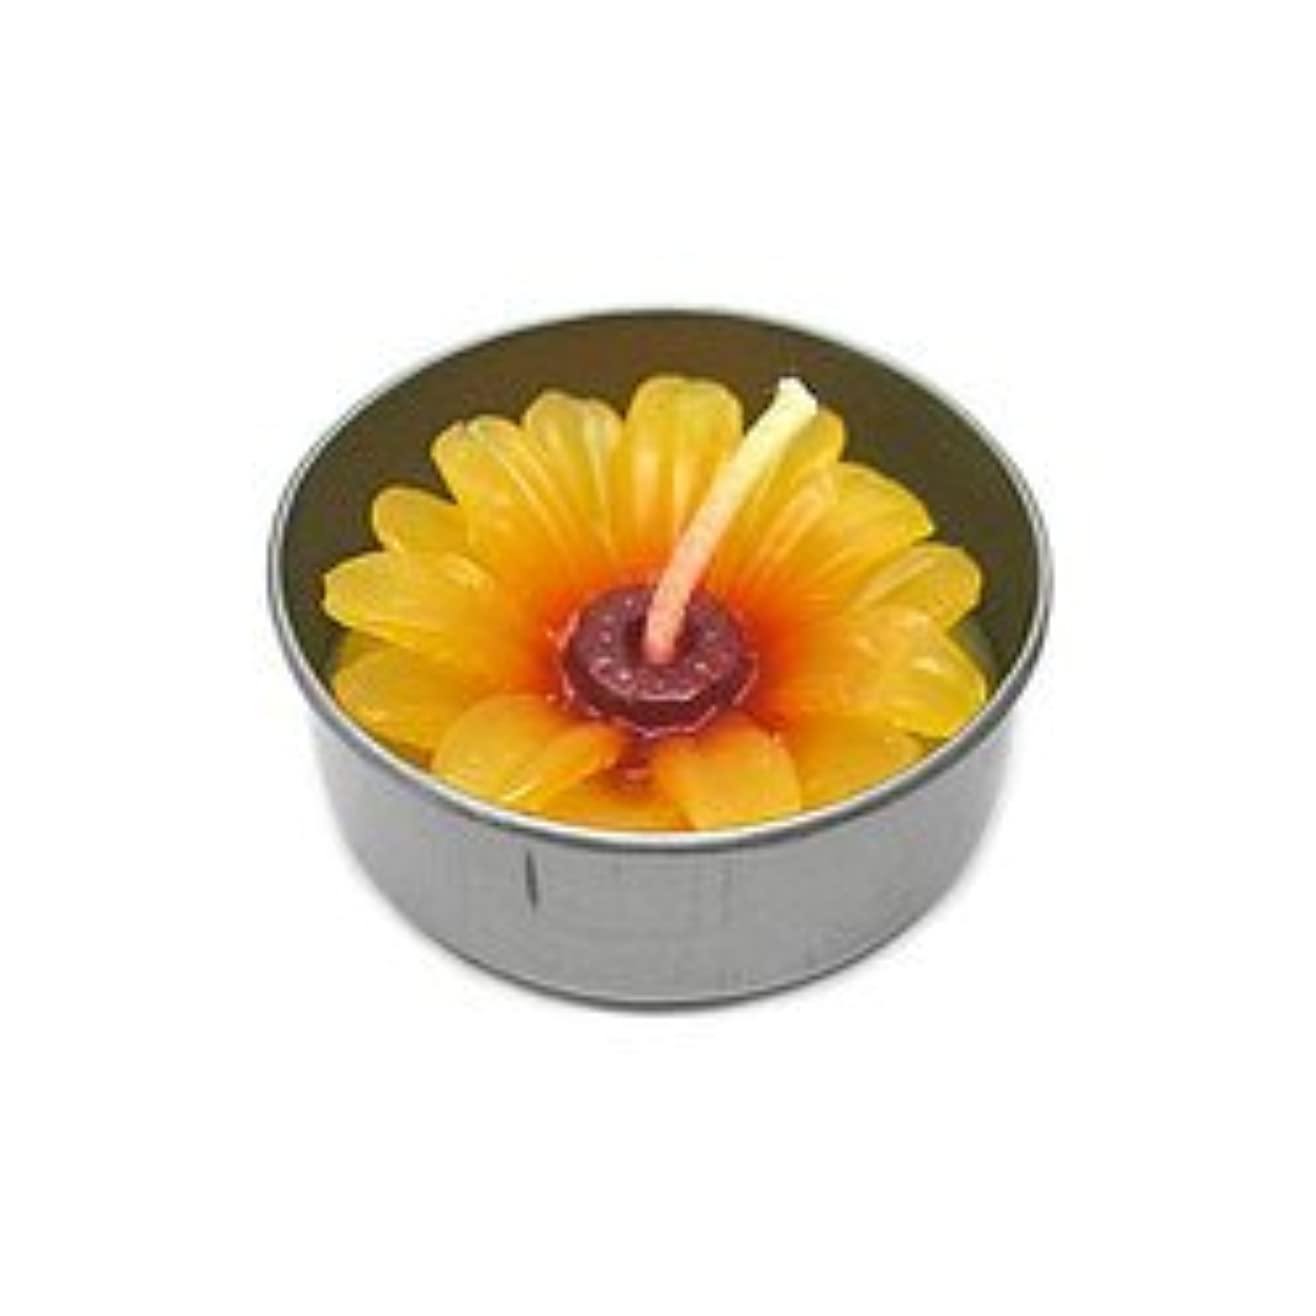 ロバ種類に向かってアロマキャンドル  ミニ お花 薄オレンジ 鉄の器入り 器直径4cm アジアン雑貨